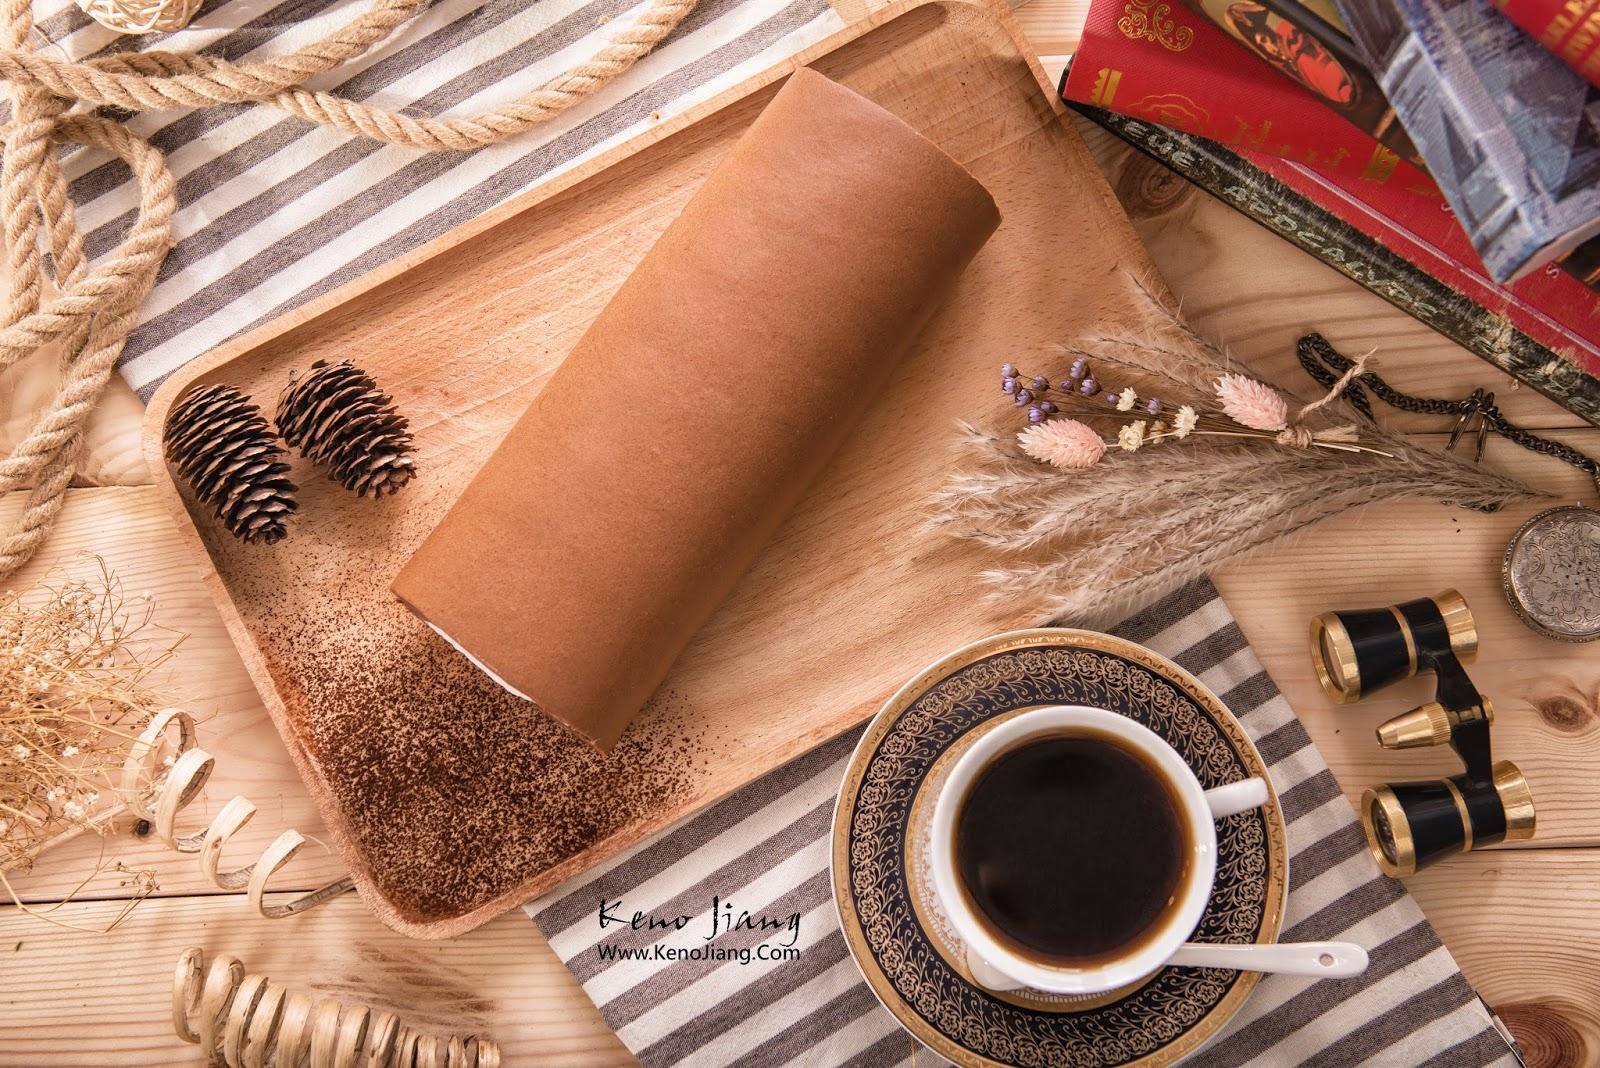 [商業拍攝] 商業攝影 | 美食 | 商品 | 生乳捲 | 攝影棚拍 @吳高好家